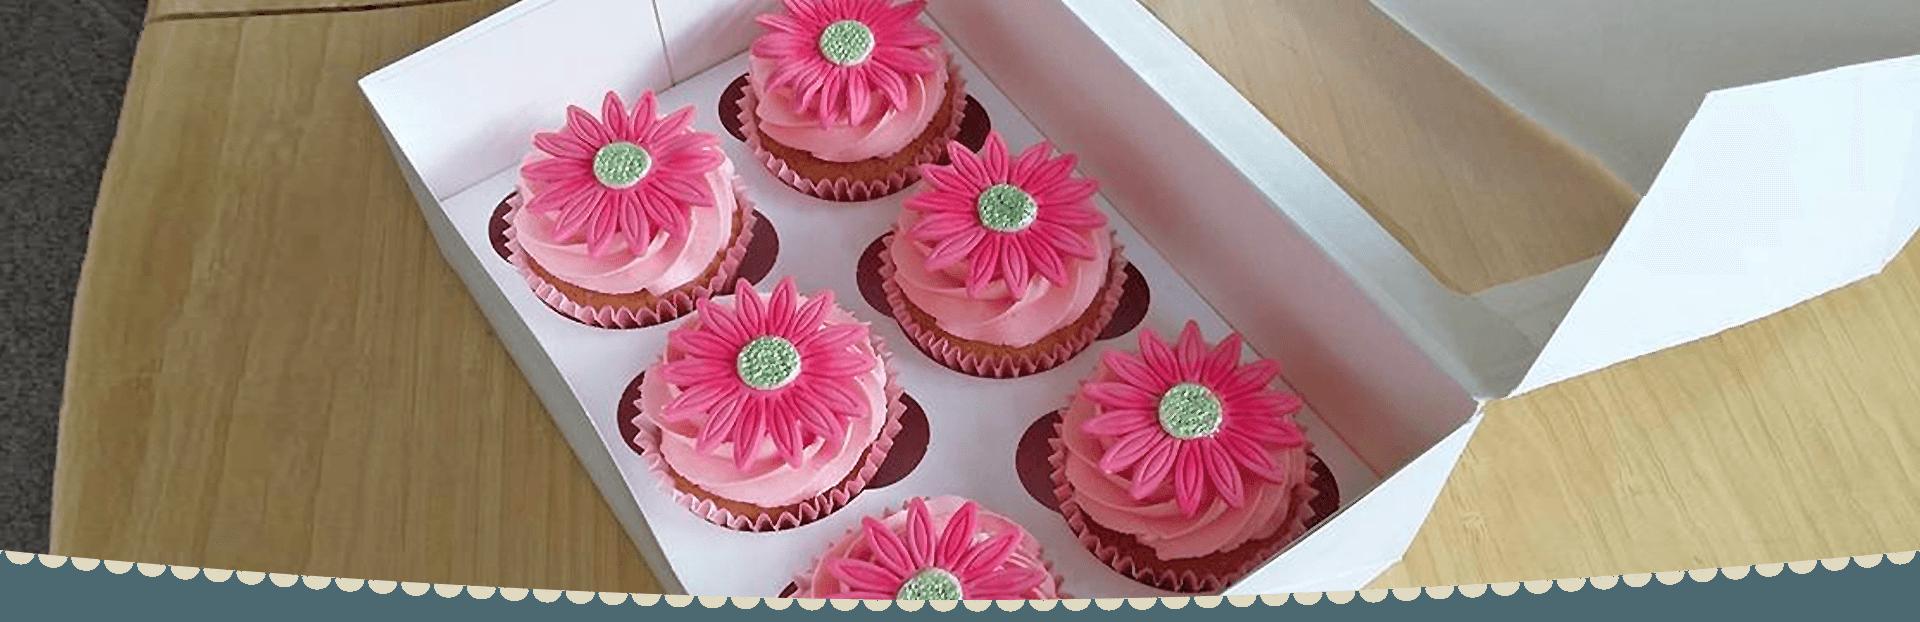 flower-themed cake